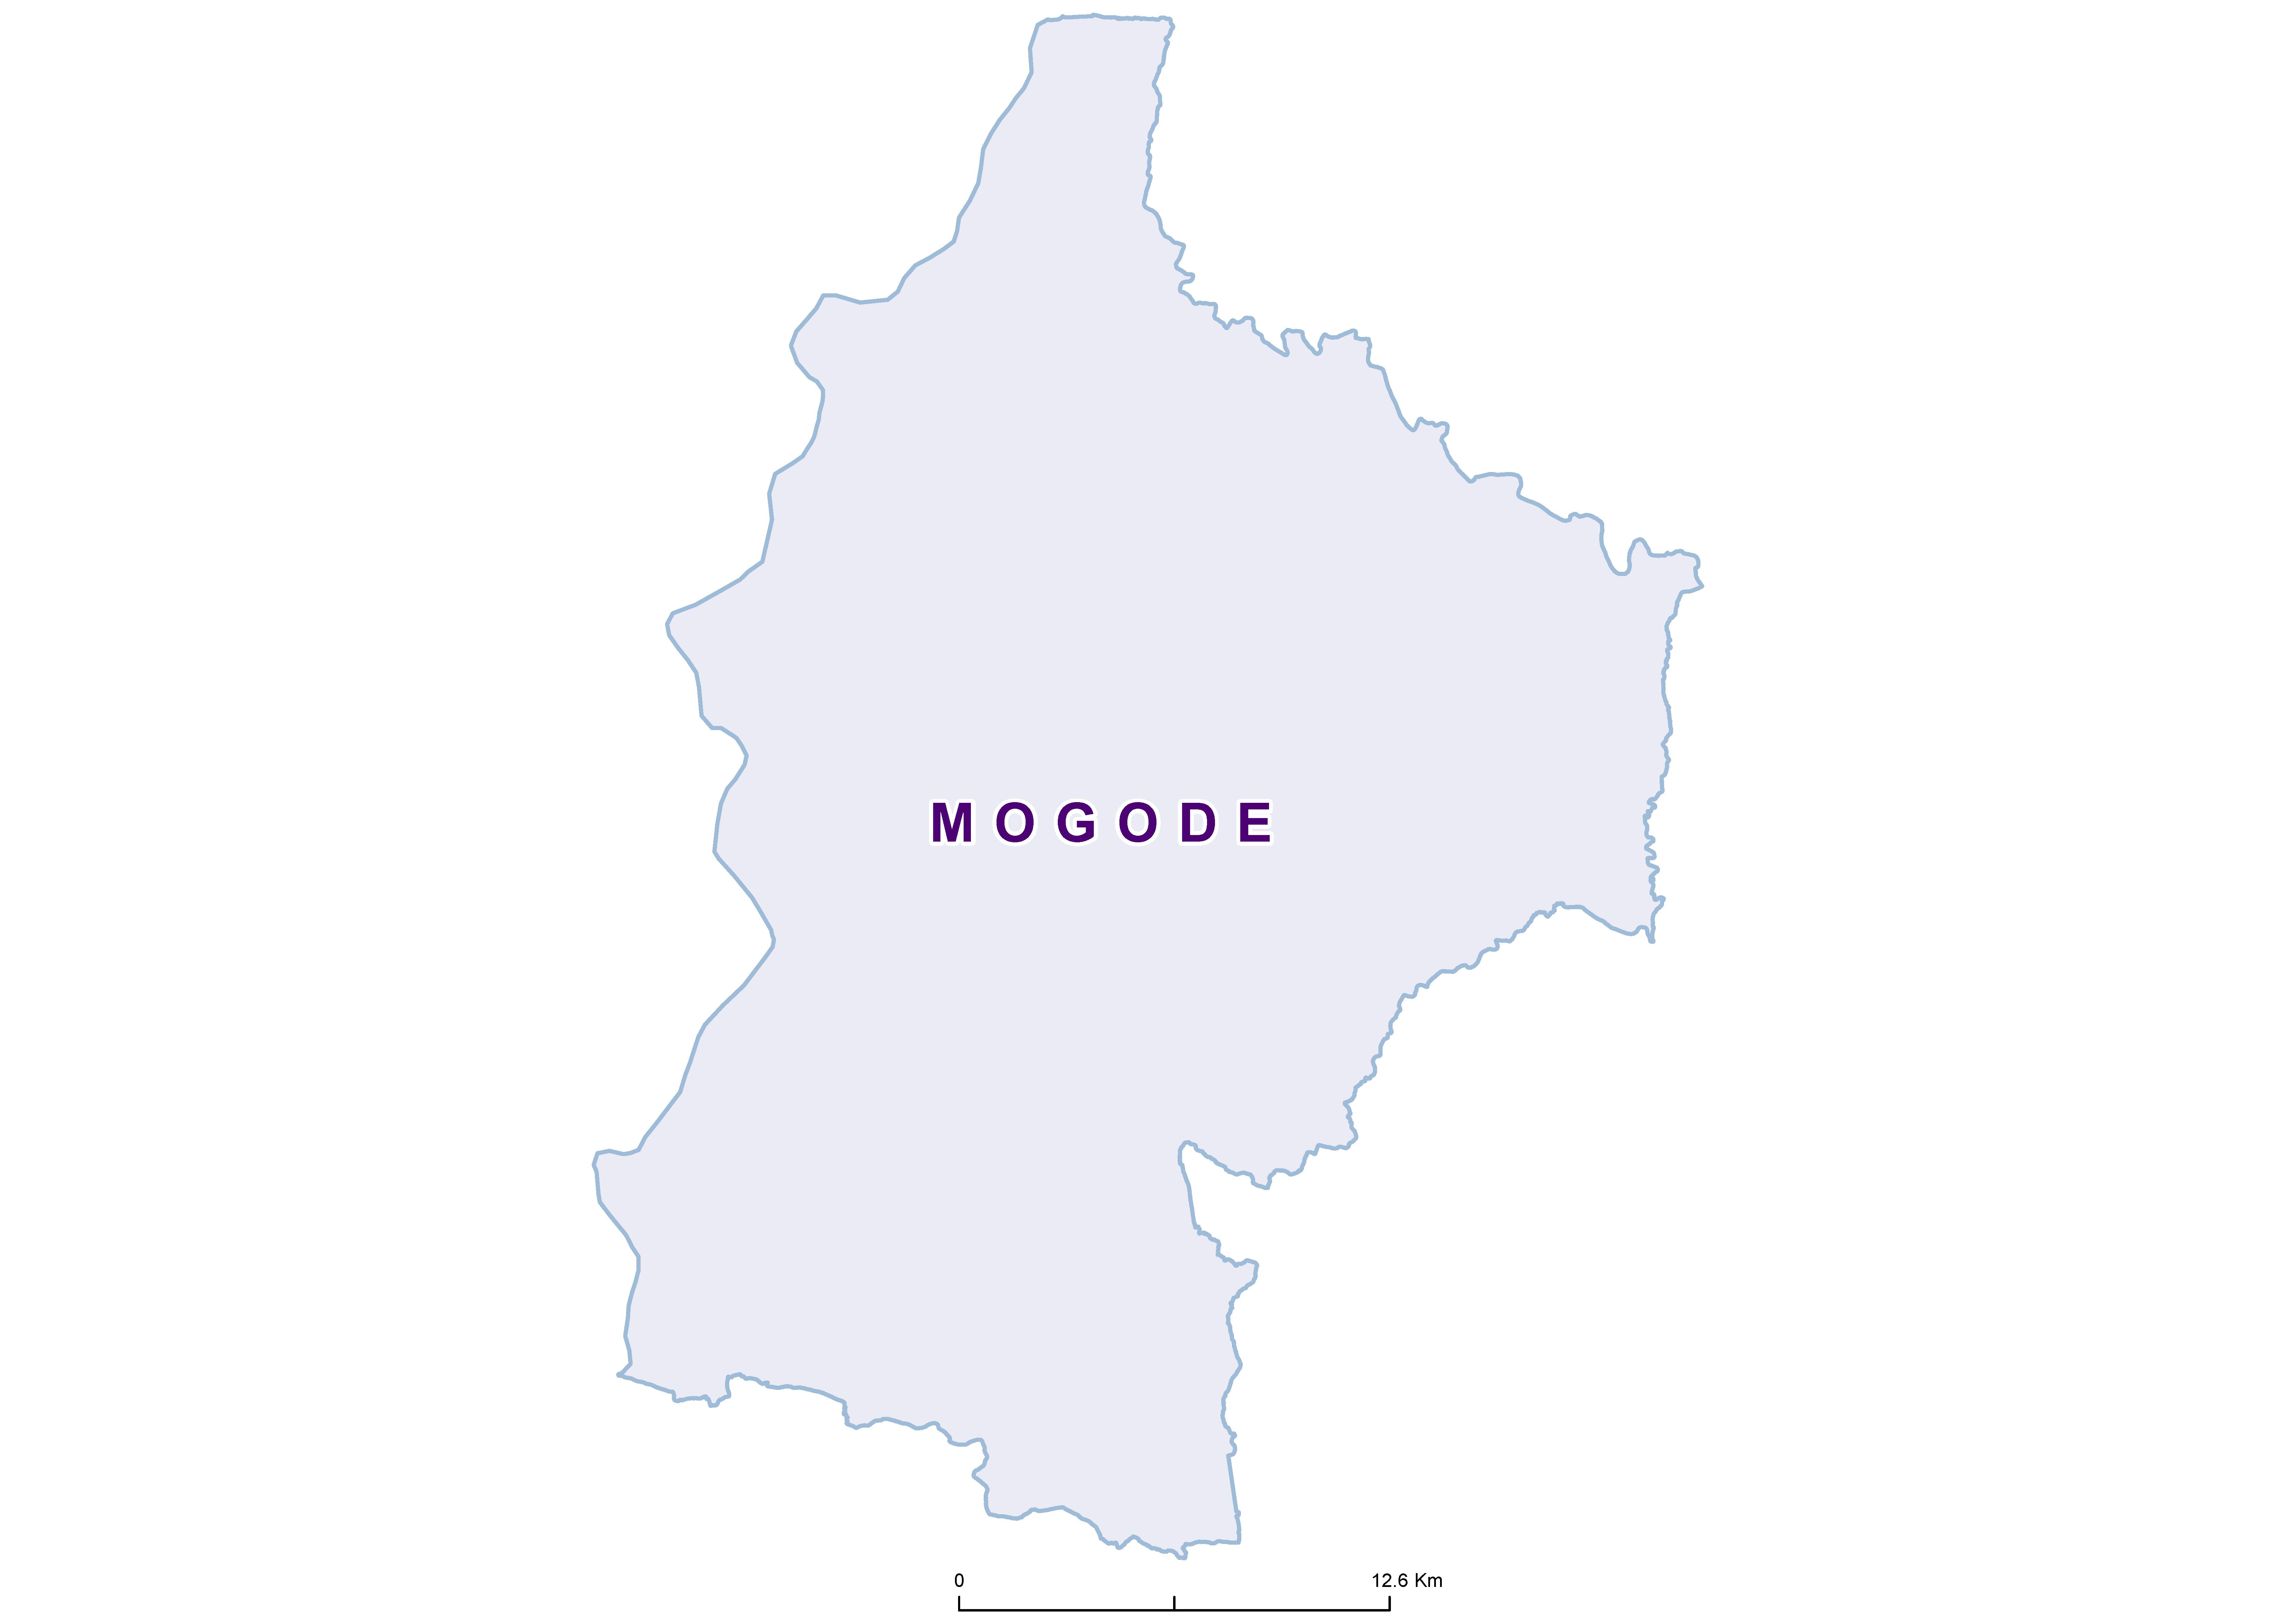 Mogode Mean SCH 20180001